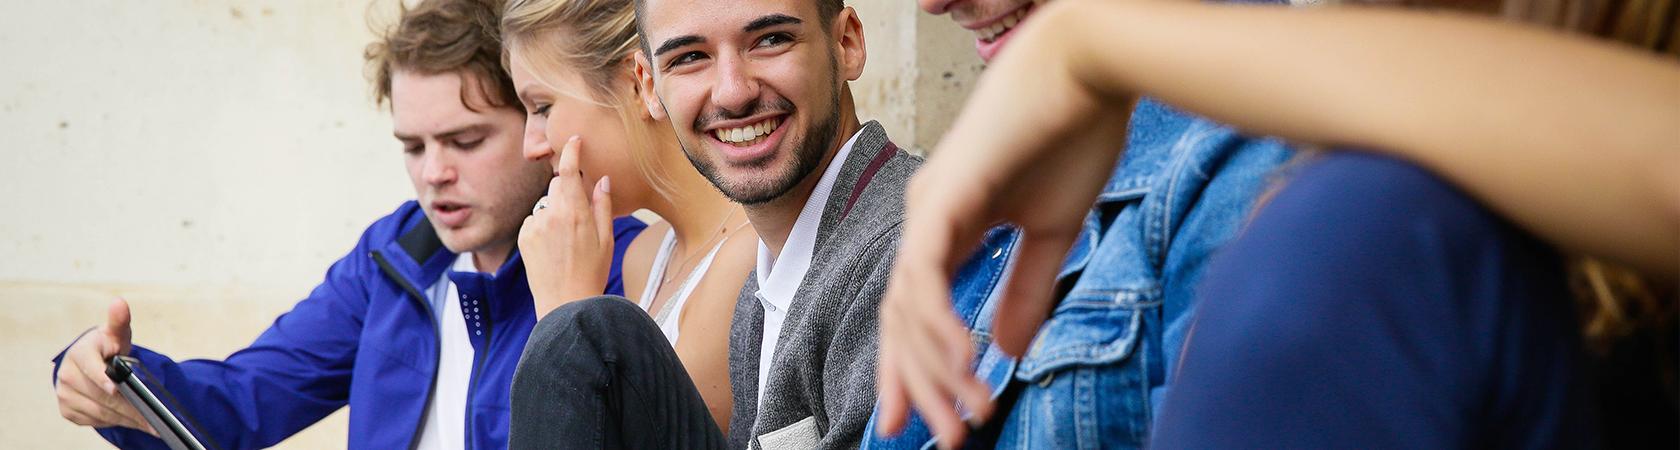 Prise de RDV personnalisé - MBA Digital Marketing & Business EFAP Montpellier